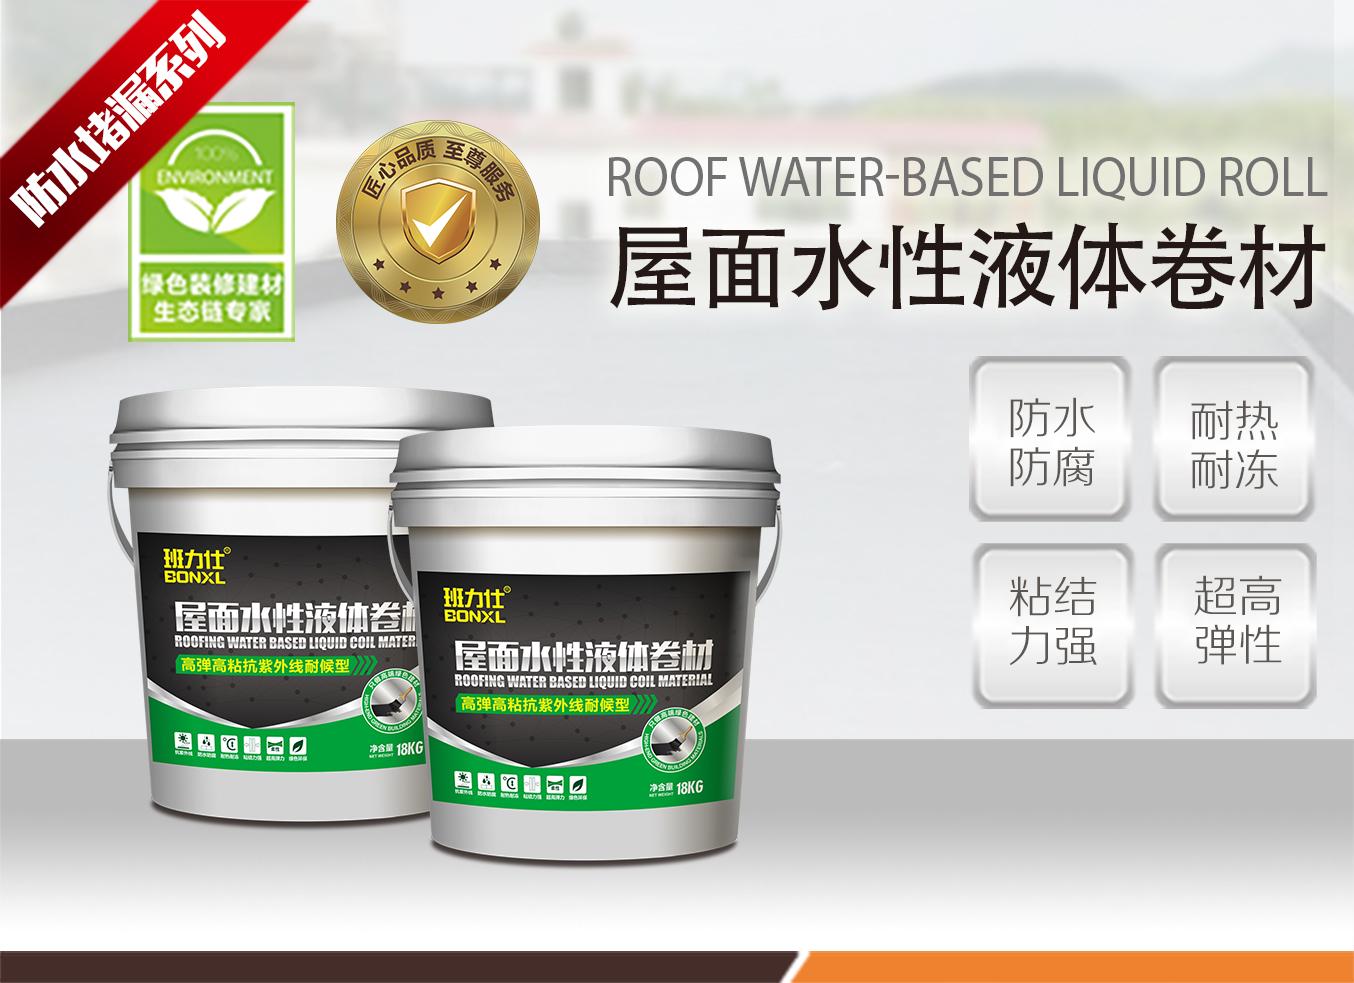 班力仕屋面防水 水性液体卷材